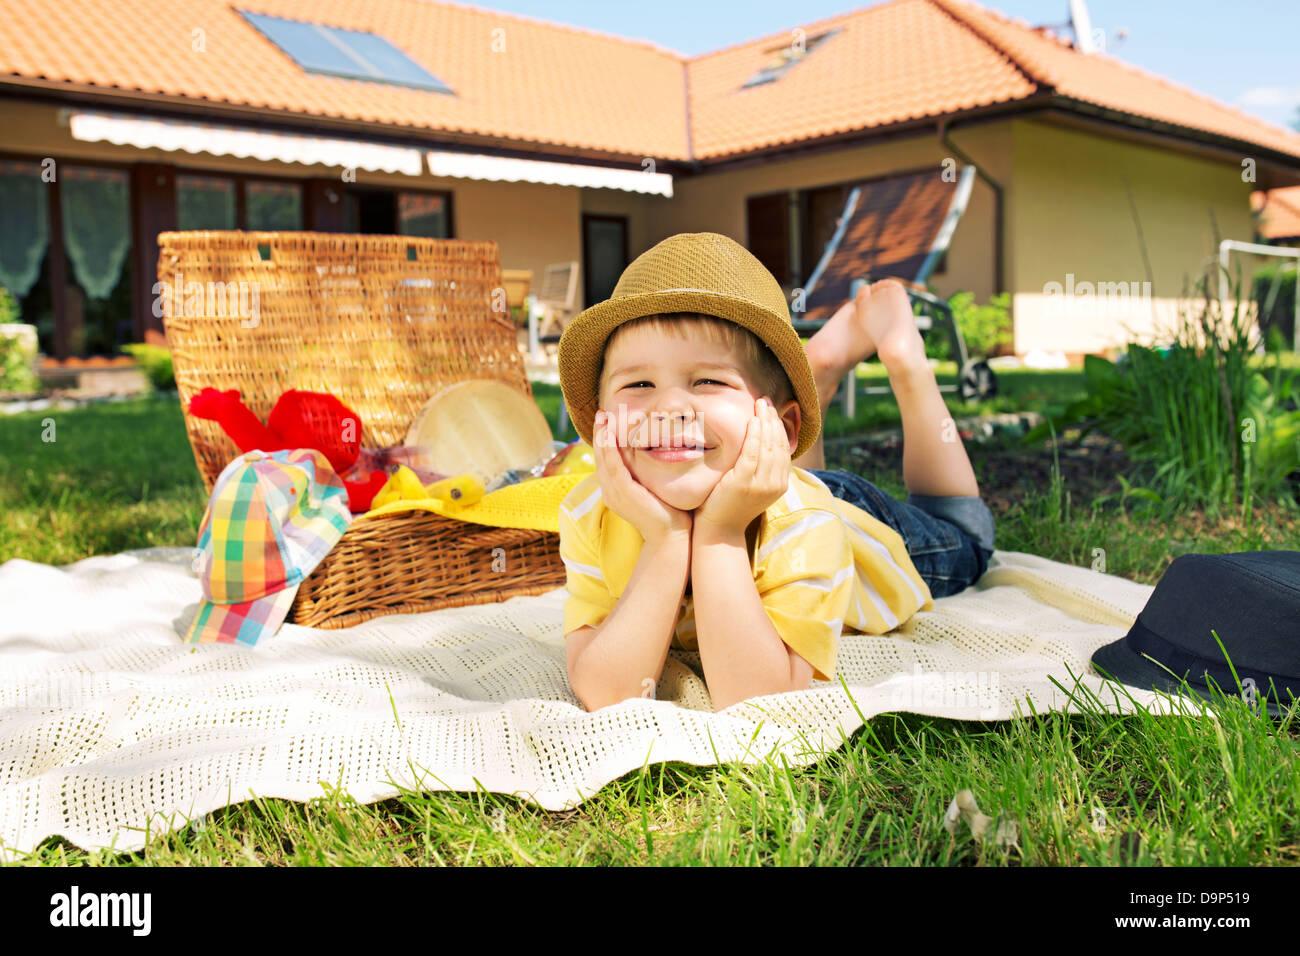 Froh, dass kleine Kinder im Garten Stockbild